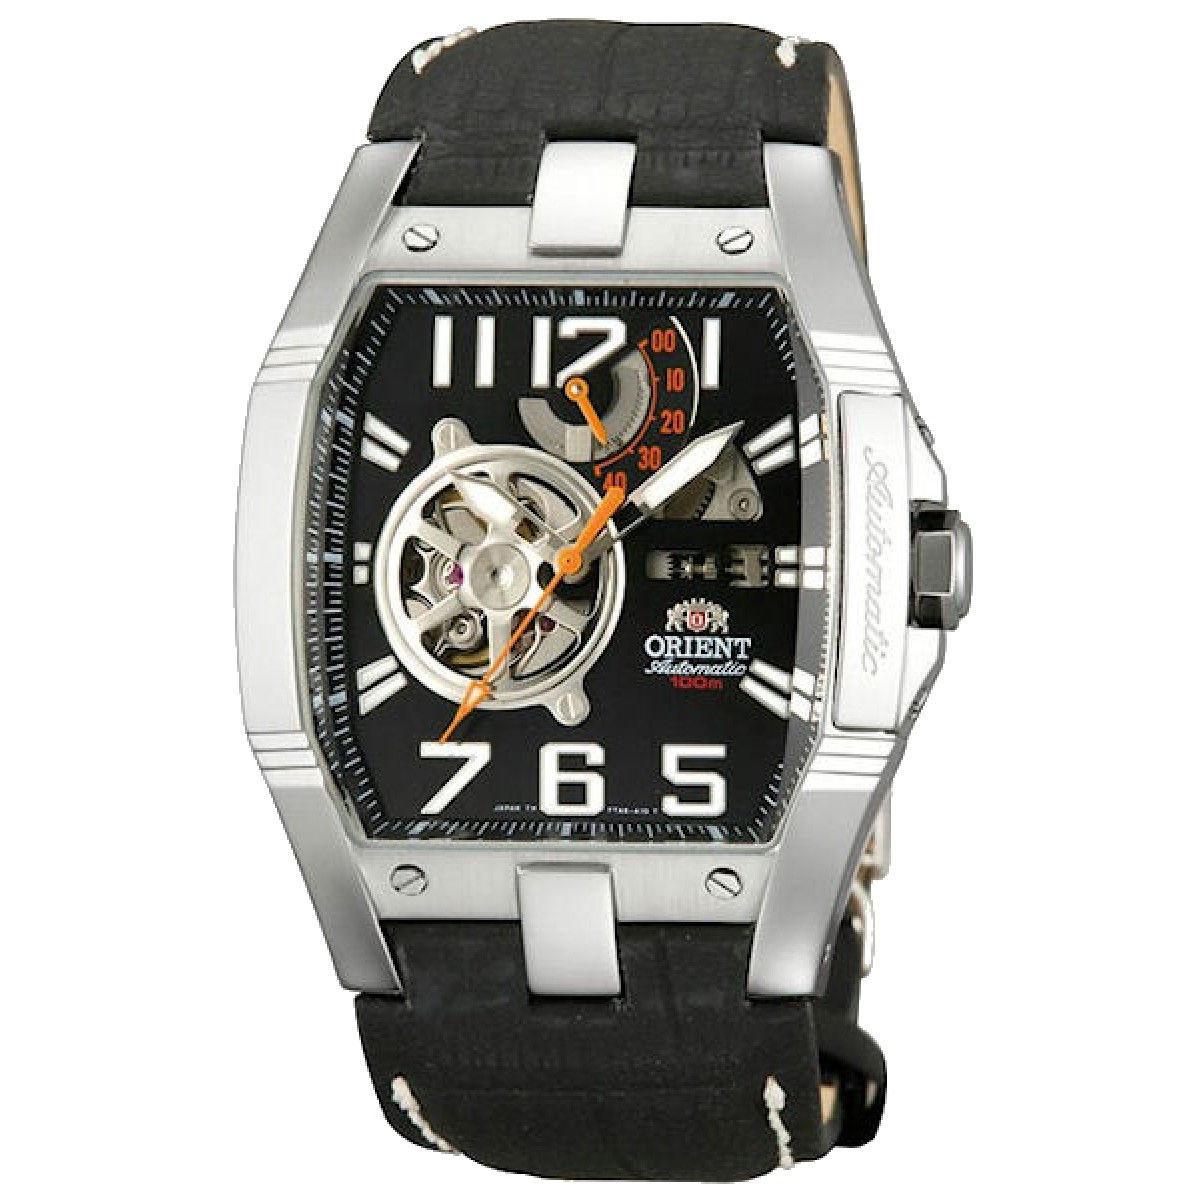 Часы ORIENT CFTAB005B0   ОРИЕНТ   Японские наручные часы   Украина   Одесса  ... de477534f23